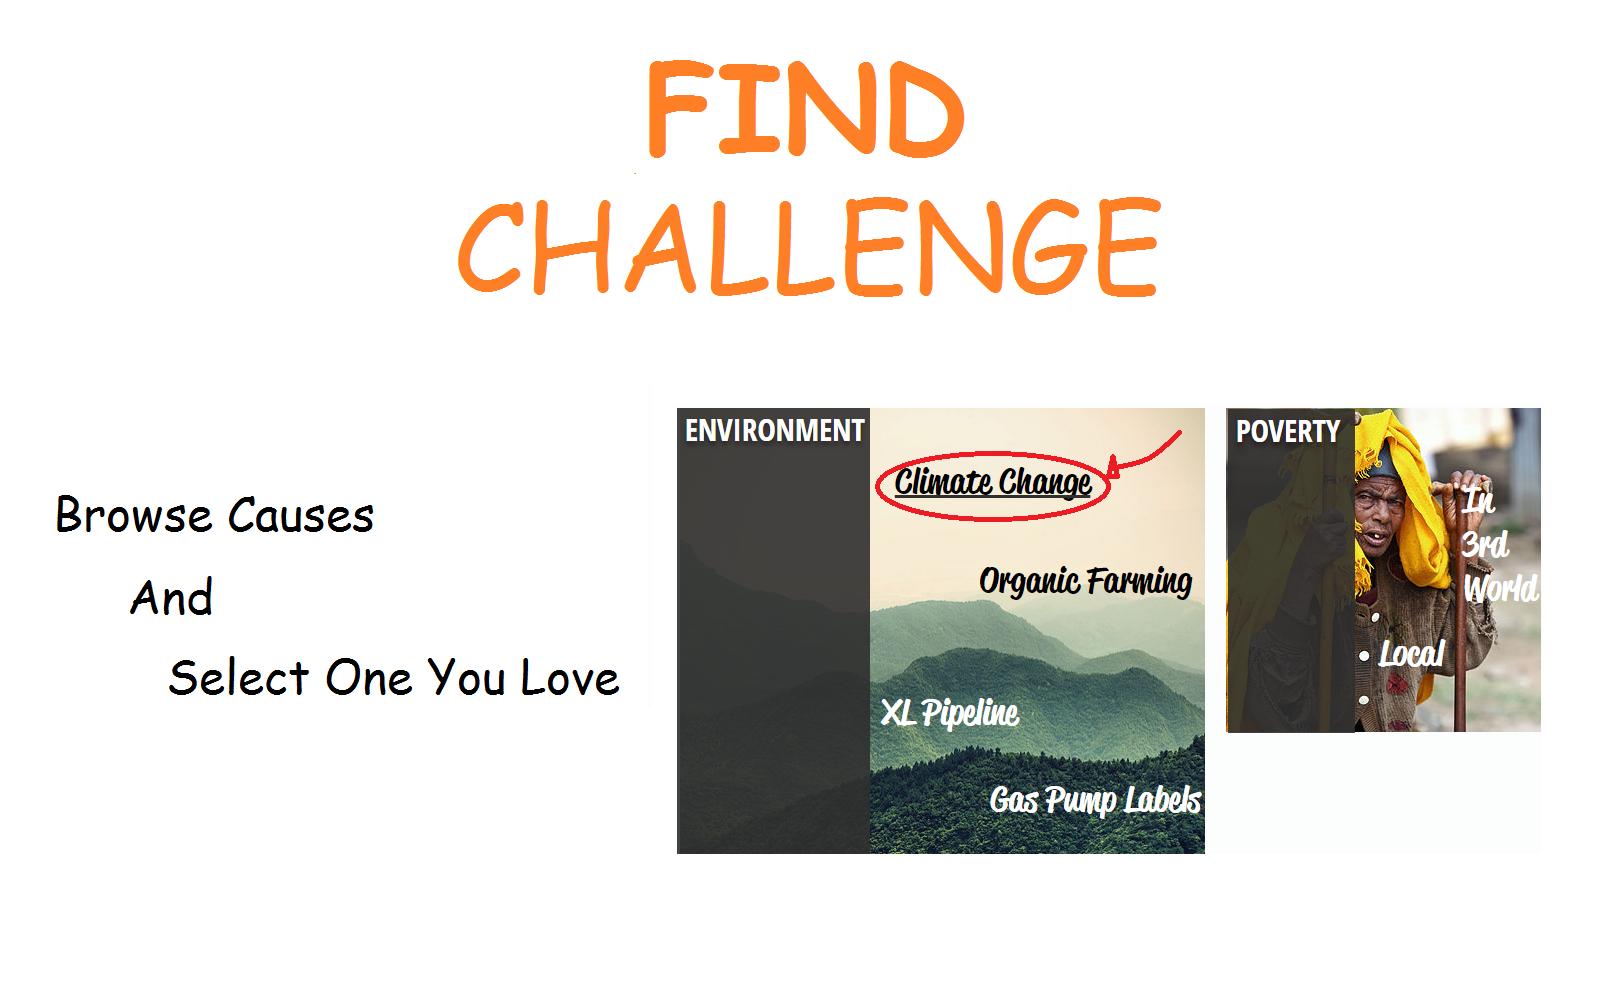 1 - Find a Challenge